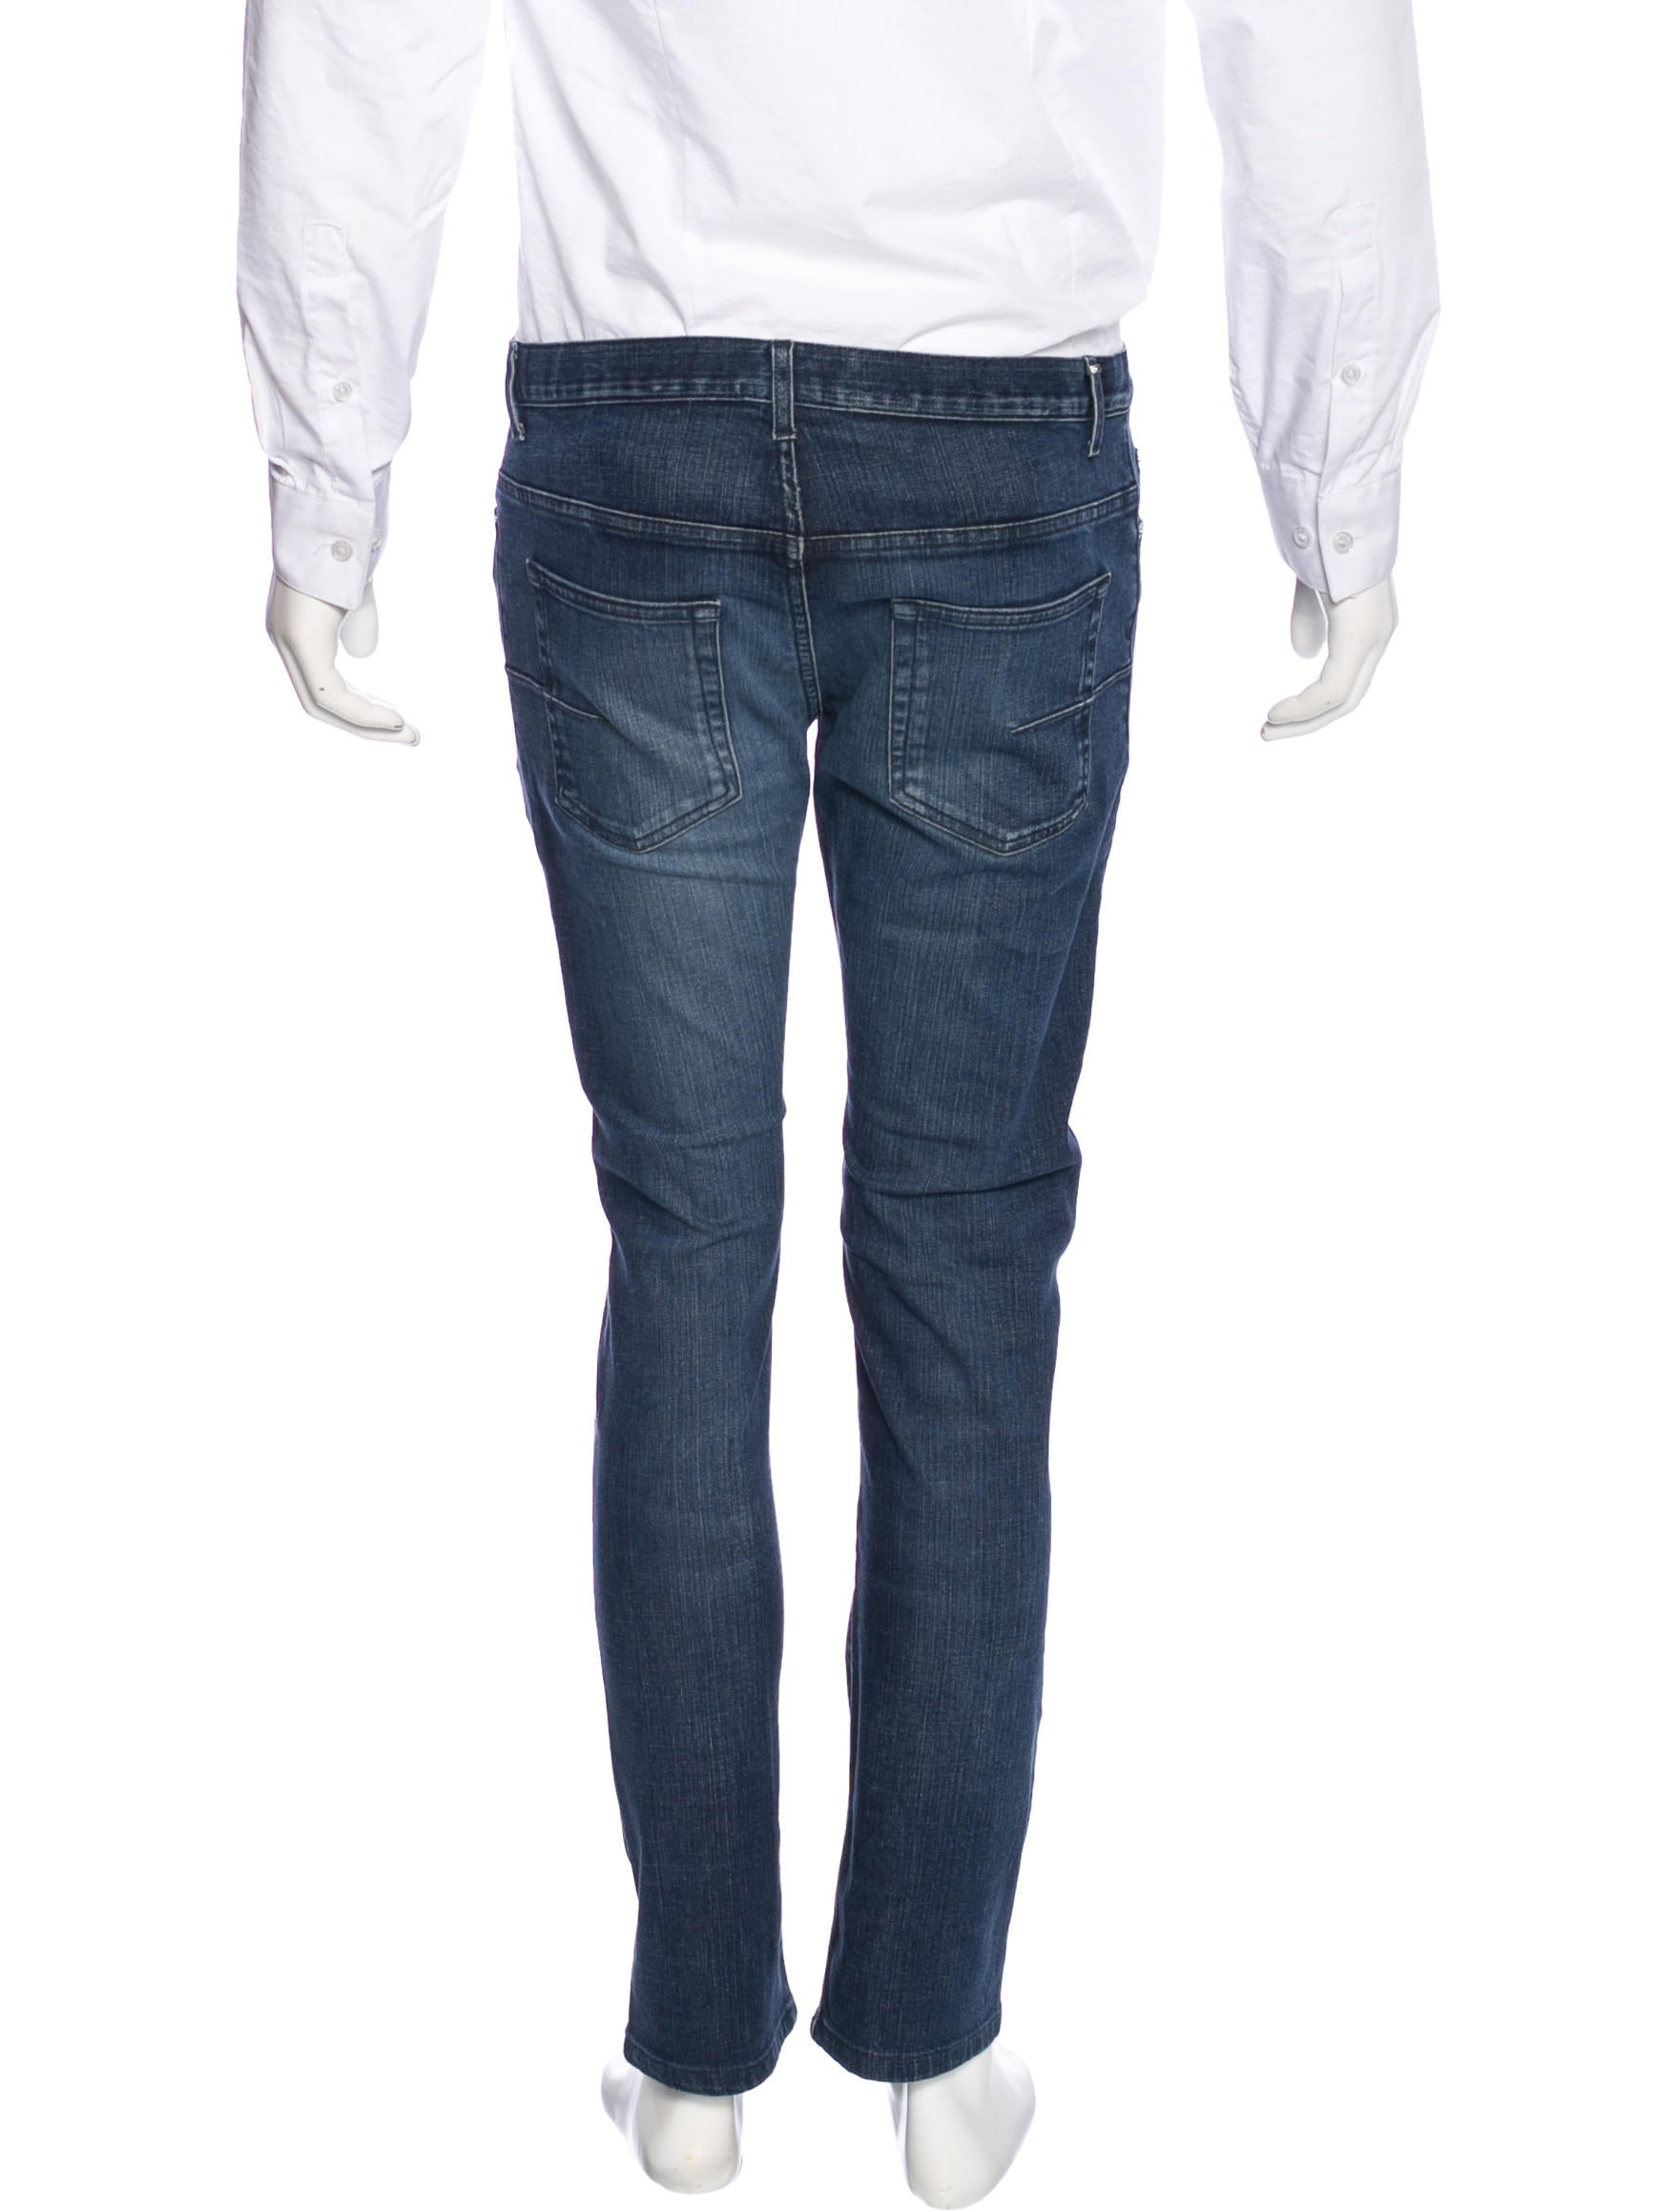 dior homme five pocket slim jeans clothing hmm23445 the realreal. Black Bedroom Furniture Sets. Home Design Ideas